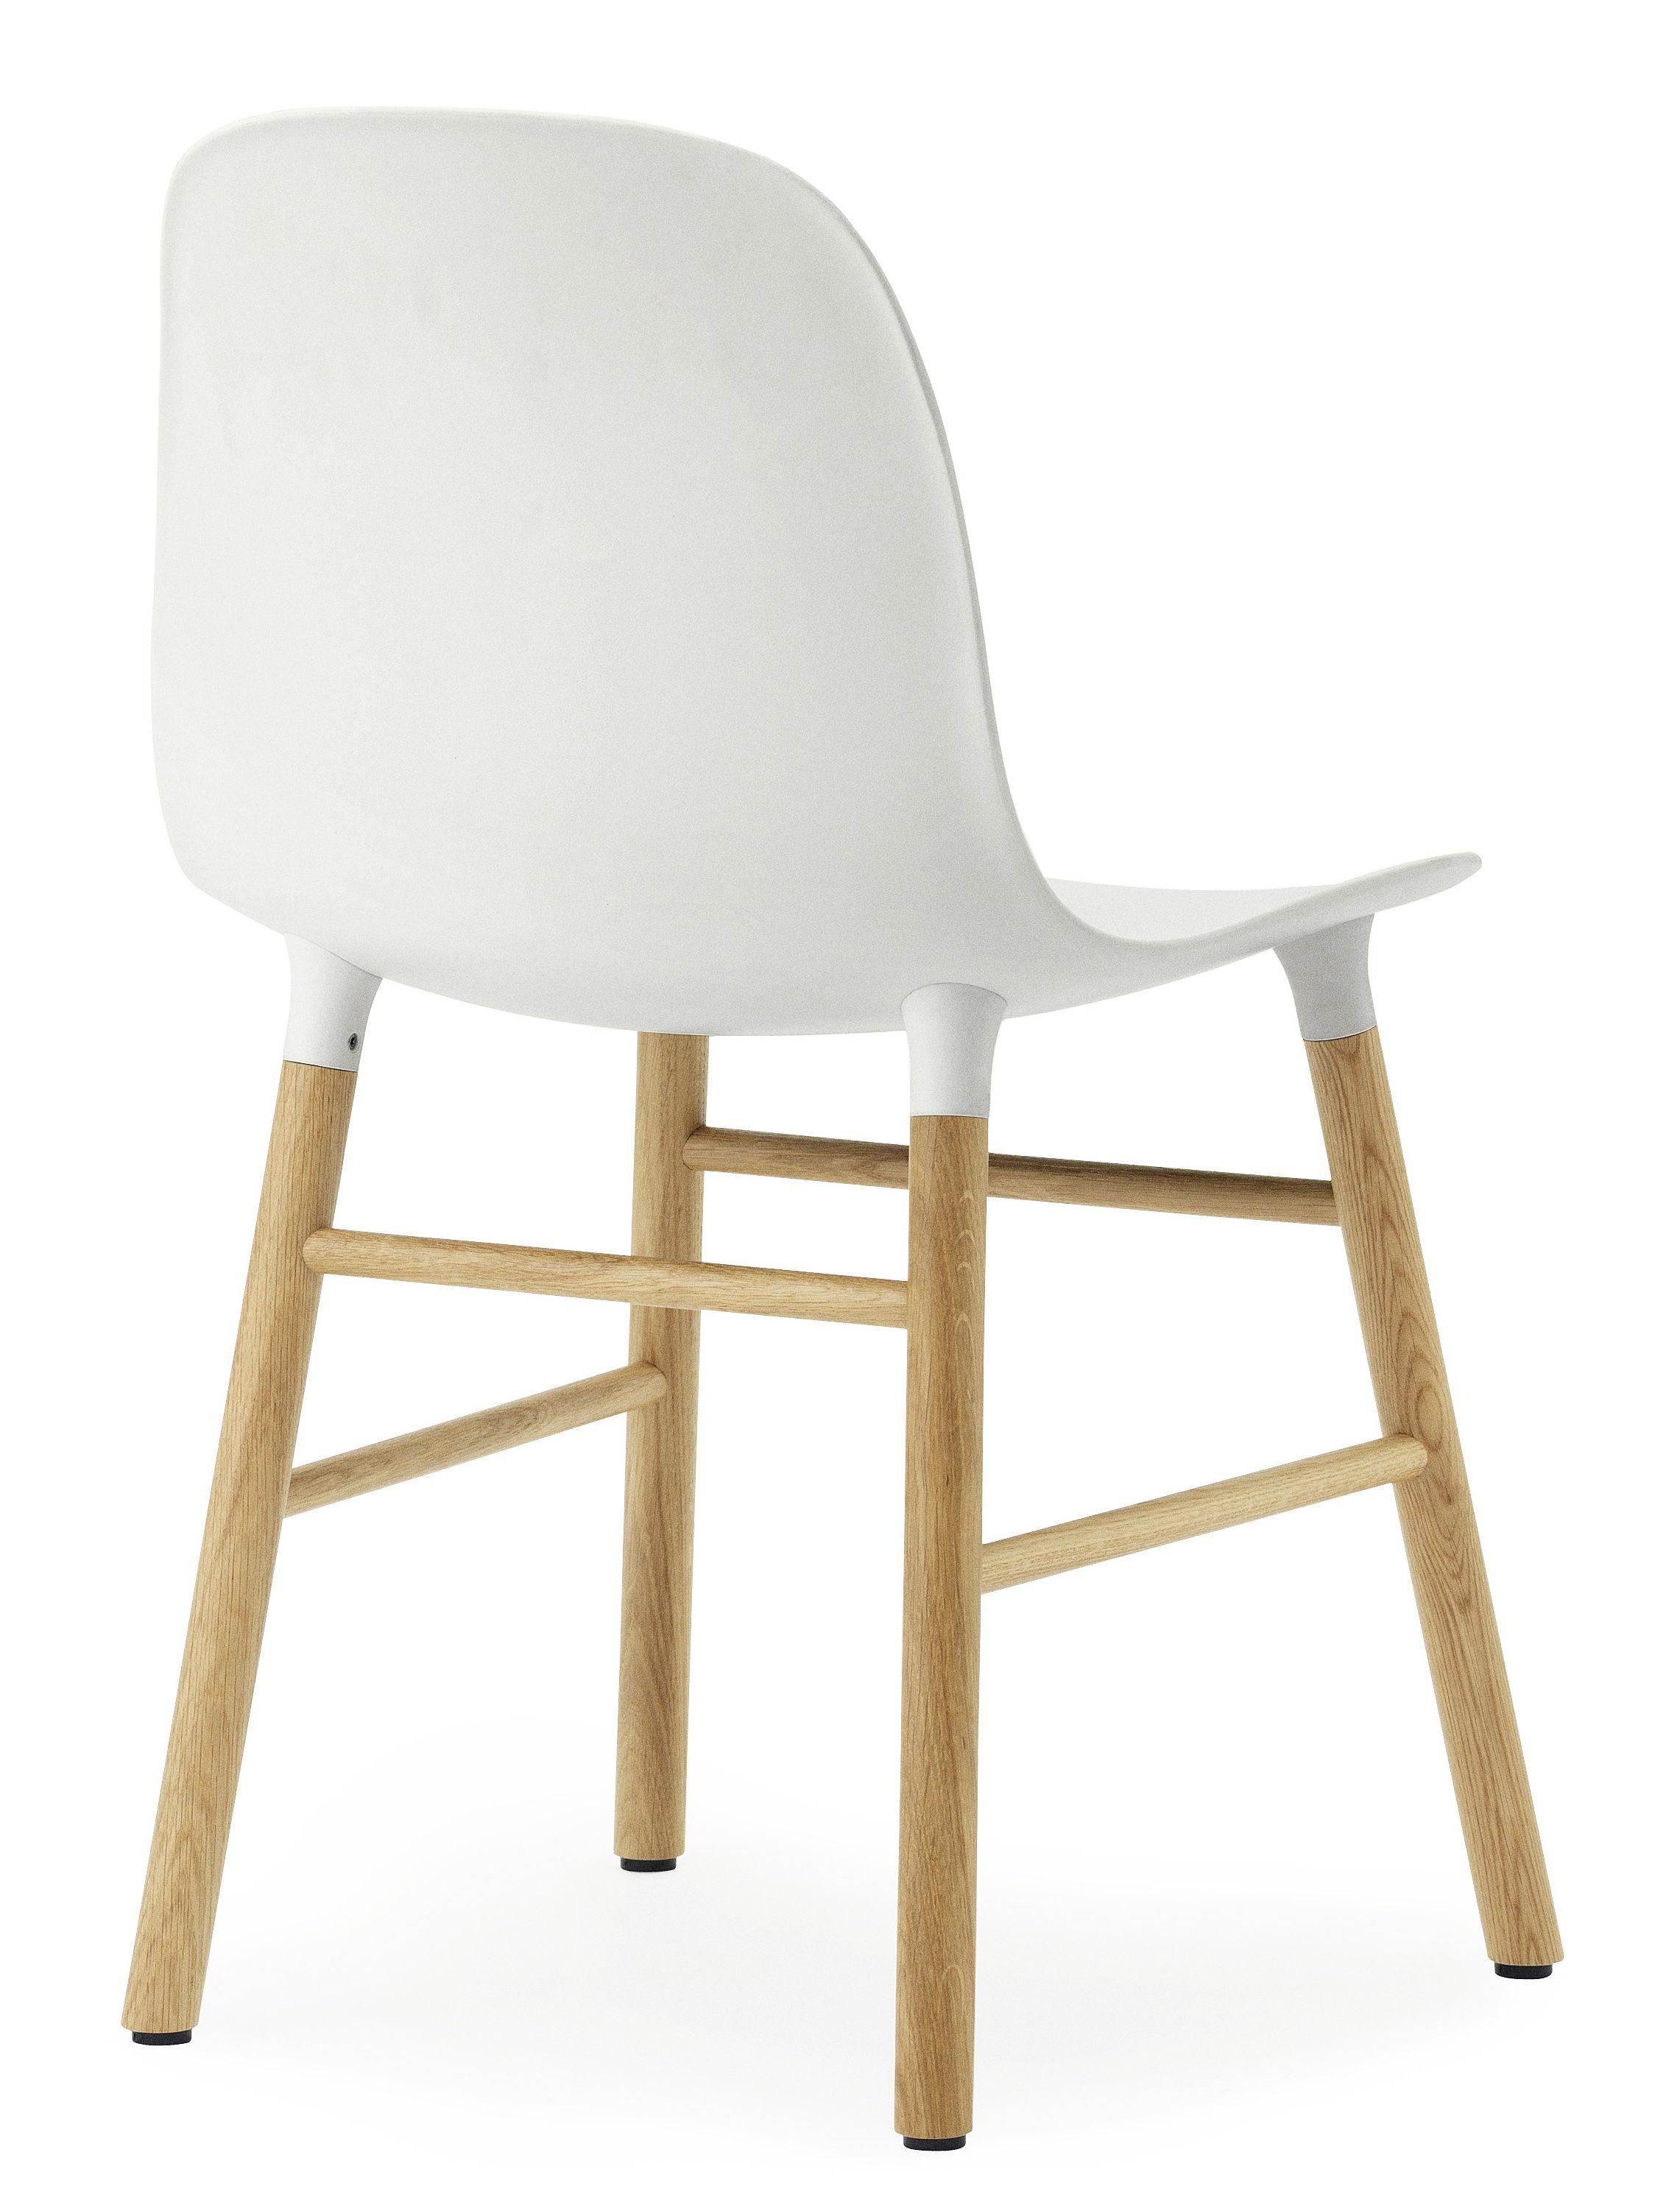 stuhl form von normann copenhagen wei eiche l 48 x h 78 made in design. Black Bedroom Furniture Sets. Home Design Ideas